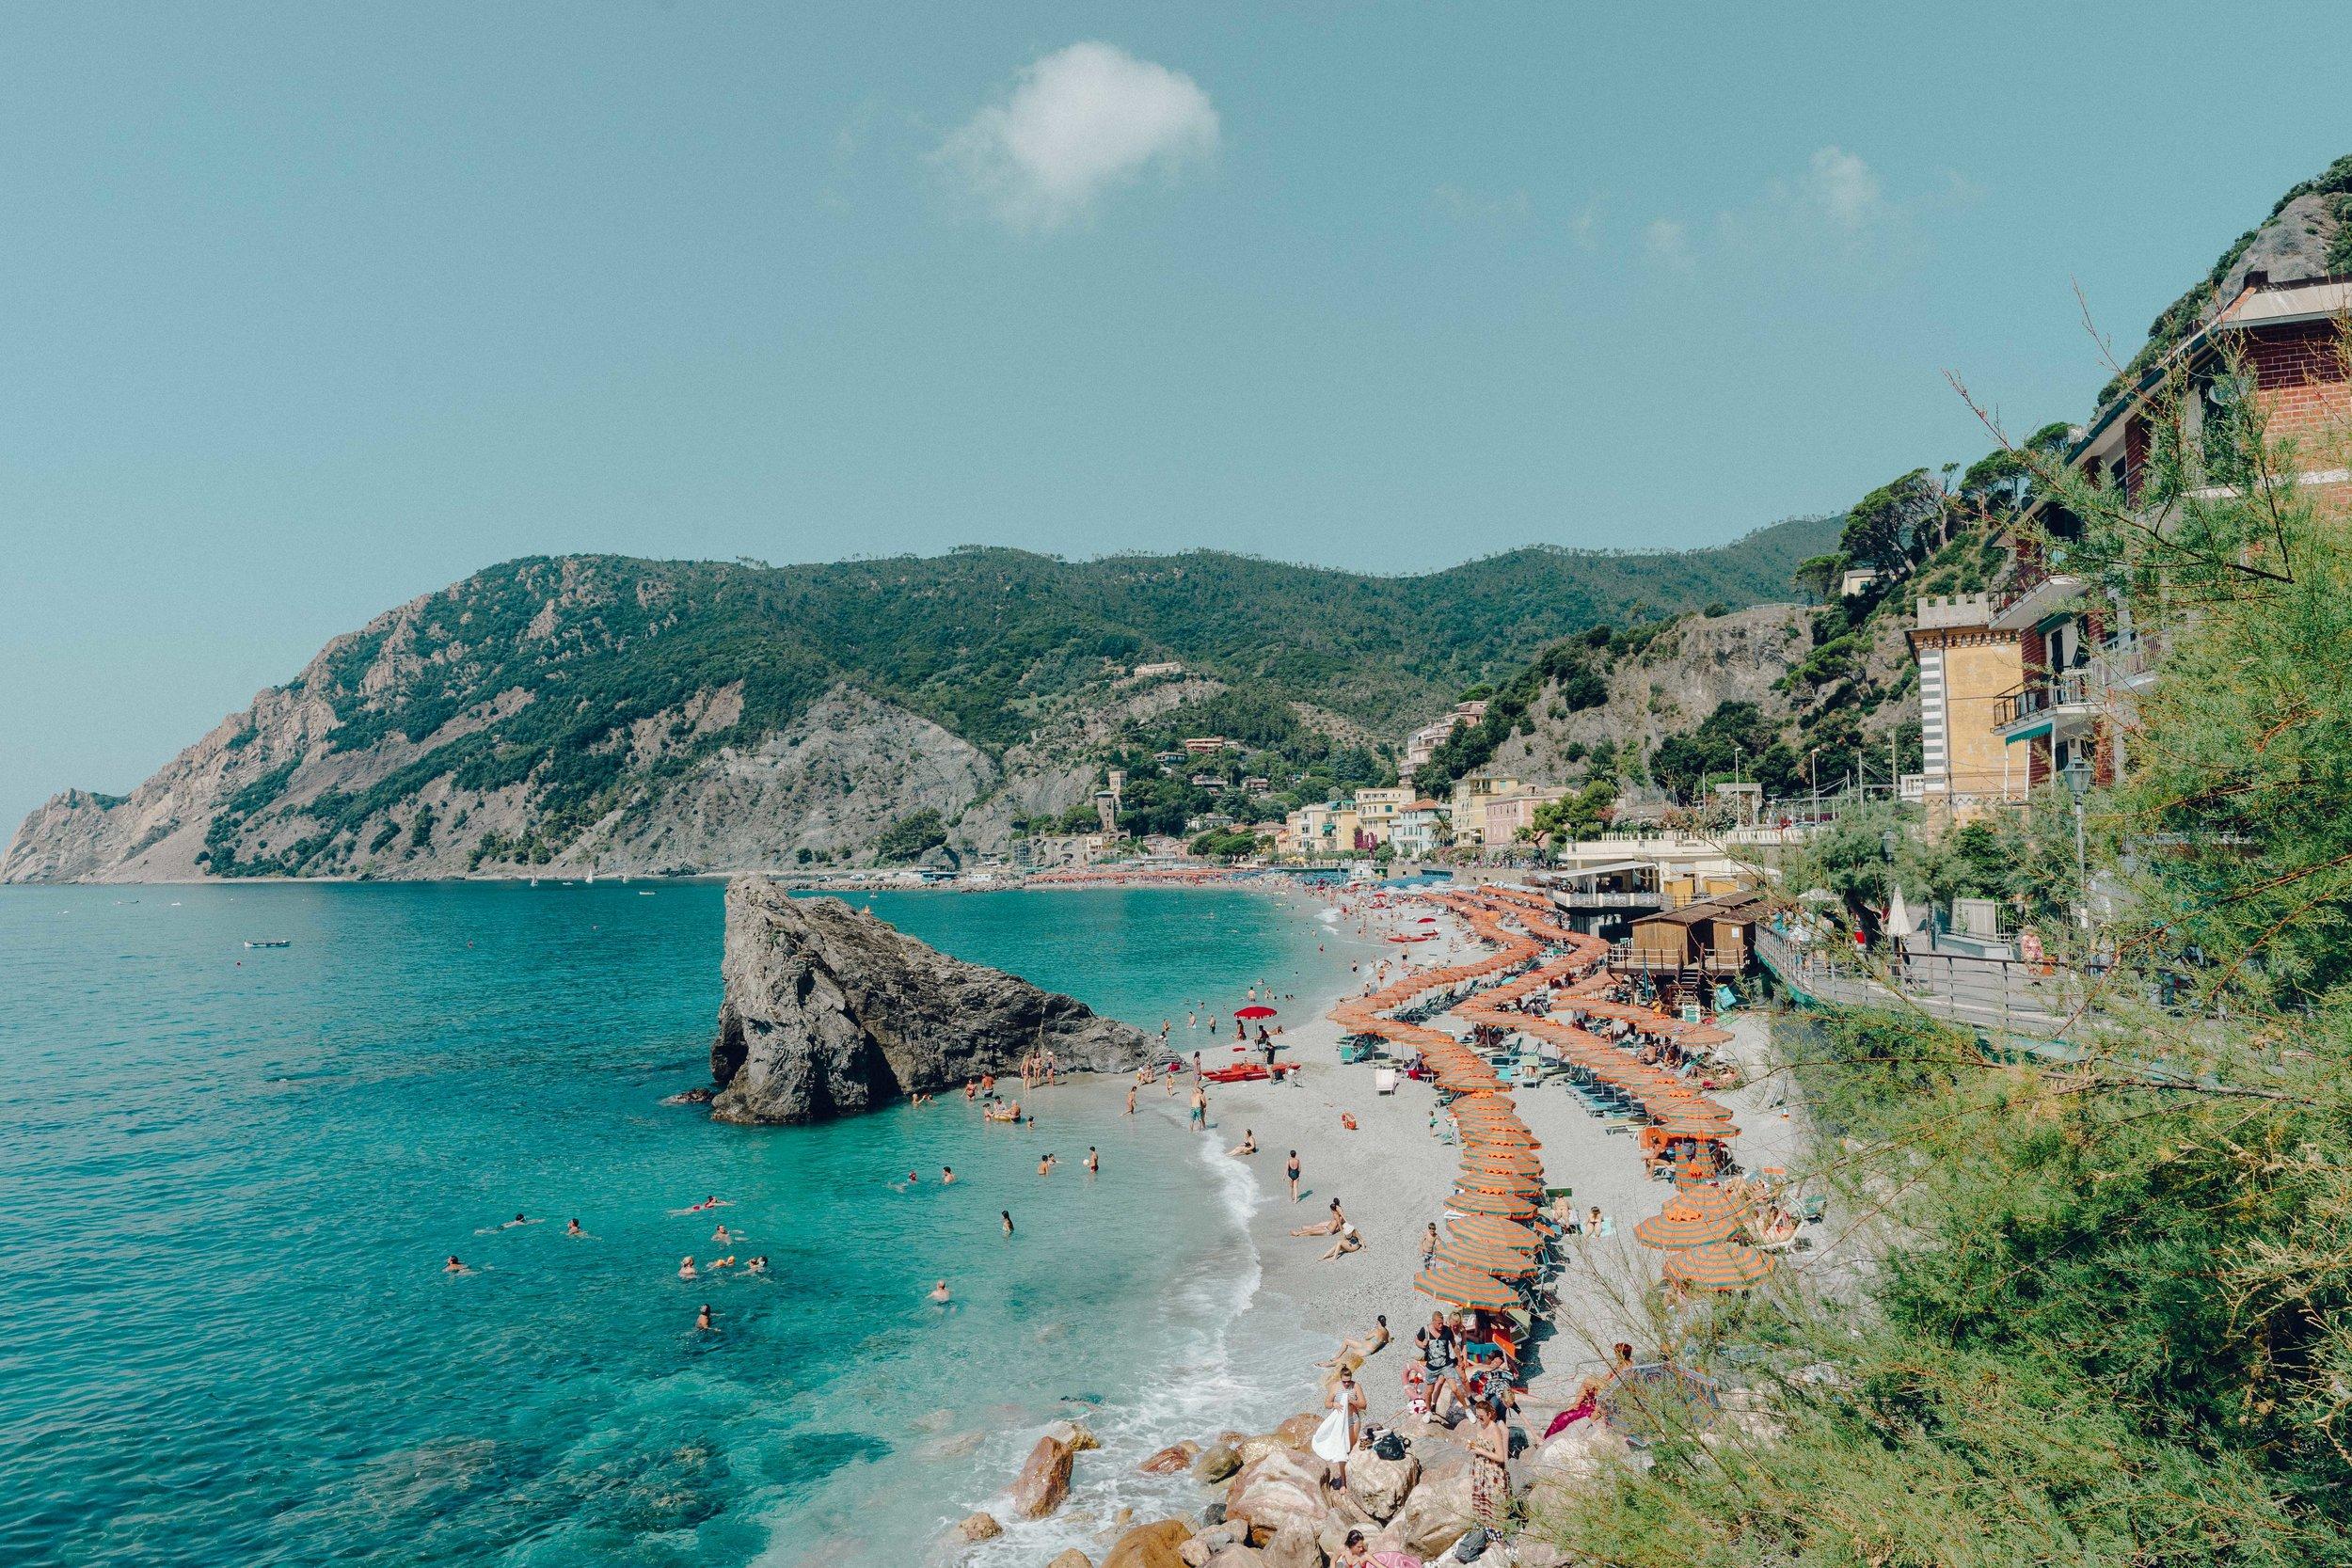 ASROSENVINGE_Roadtrip_Italy_Cinque_Terre-07944.jpg